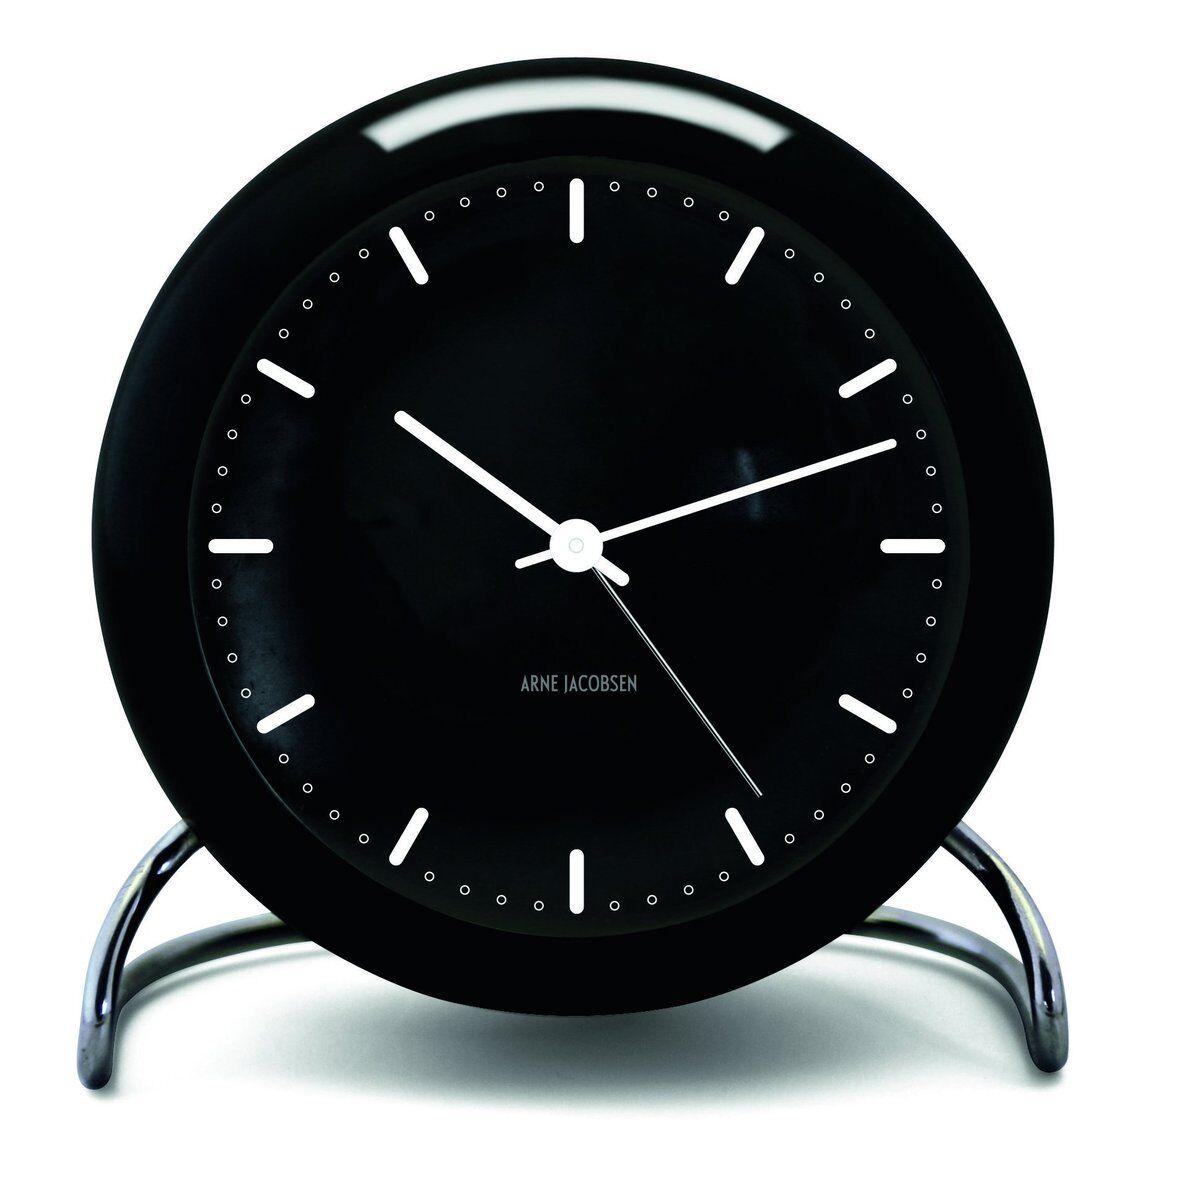 Arne Jacobsen Clocks AJ City Hall bordklokke sort